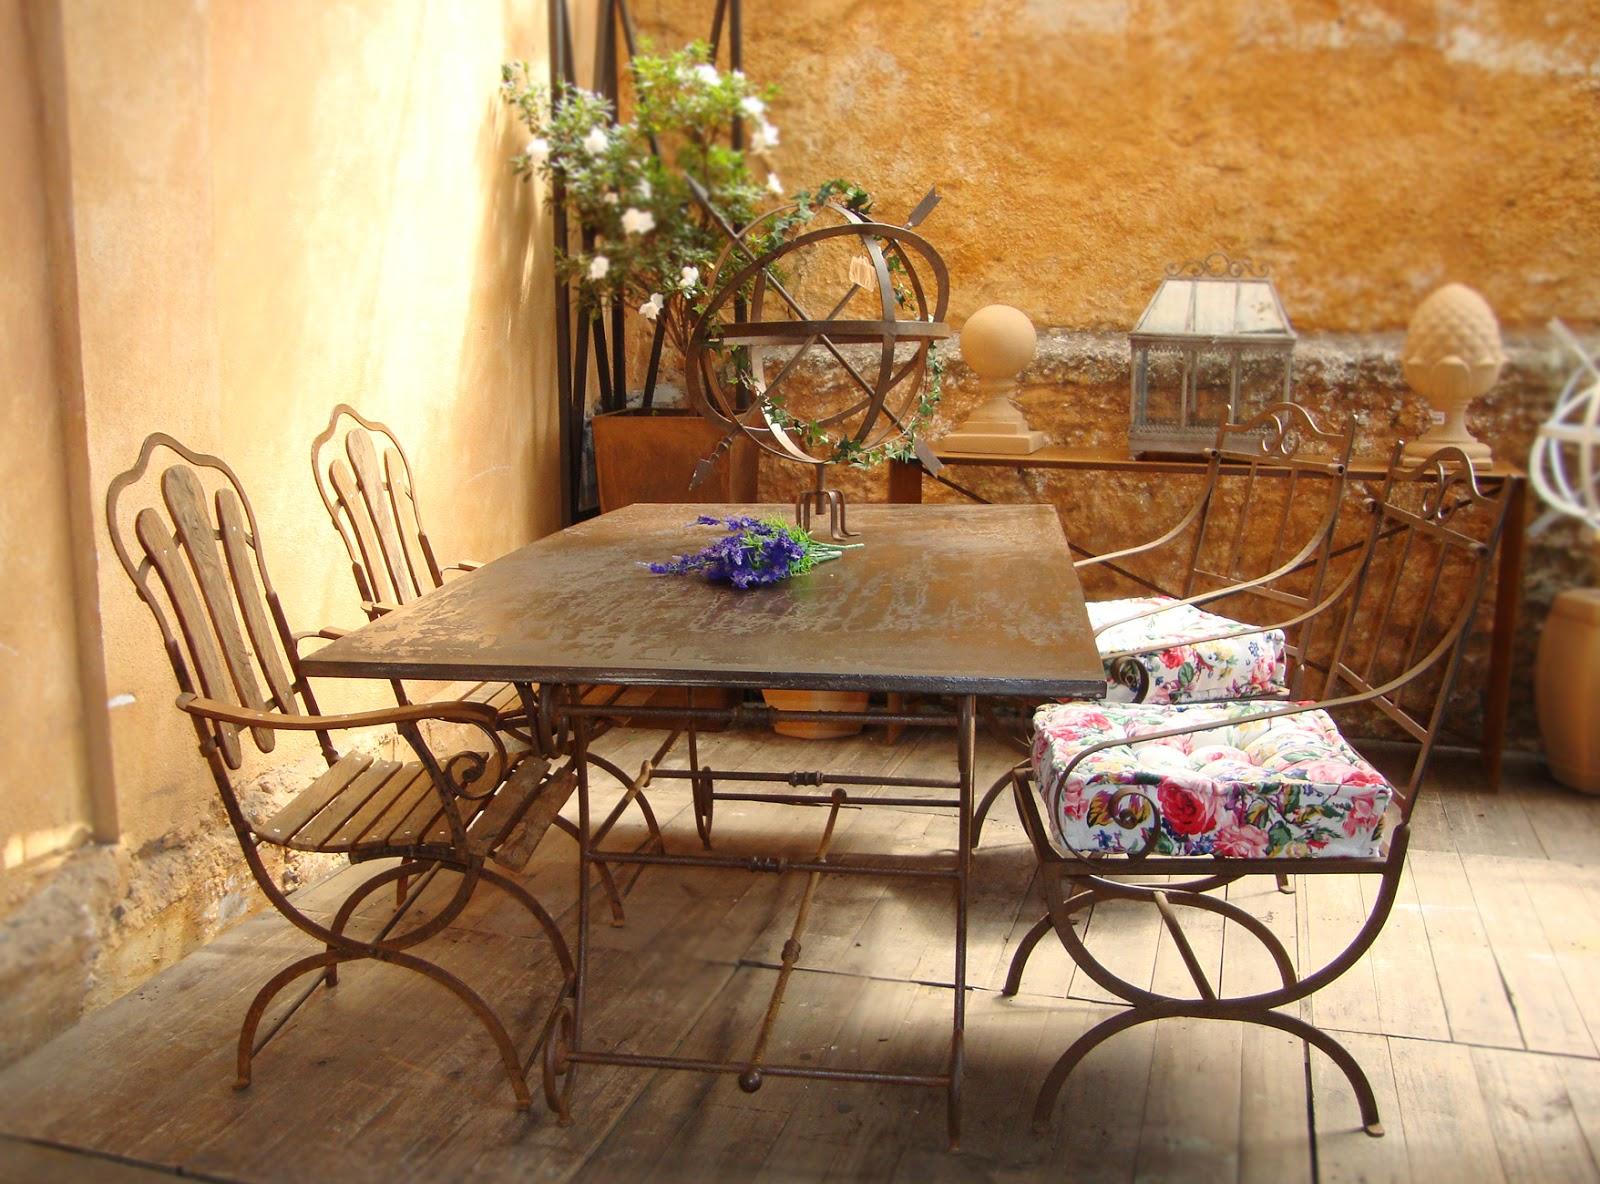 Móveis e Decoração Provençal  Serralheria de Charme: Mesa de Ferro #B1851A 1600x1184